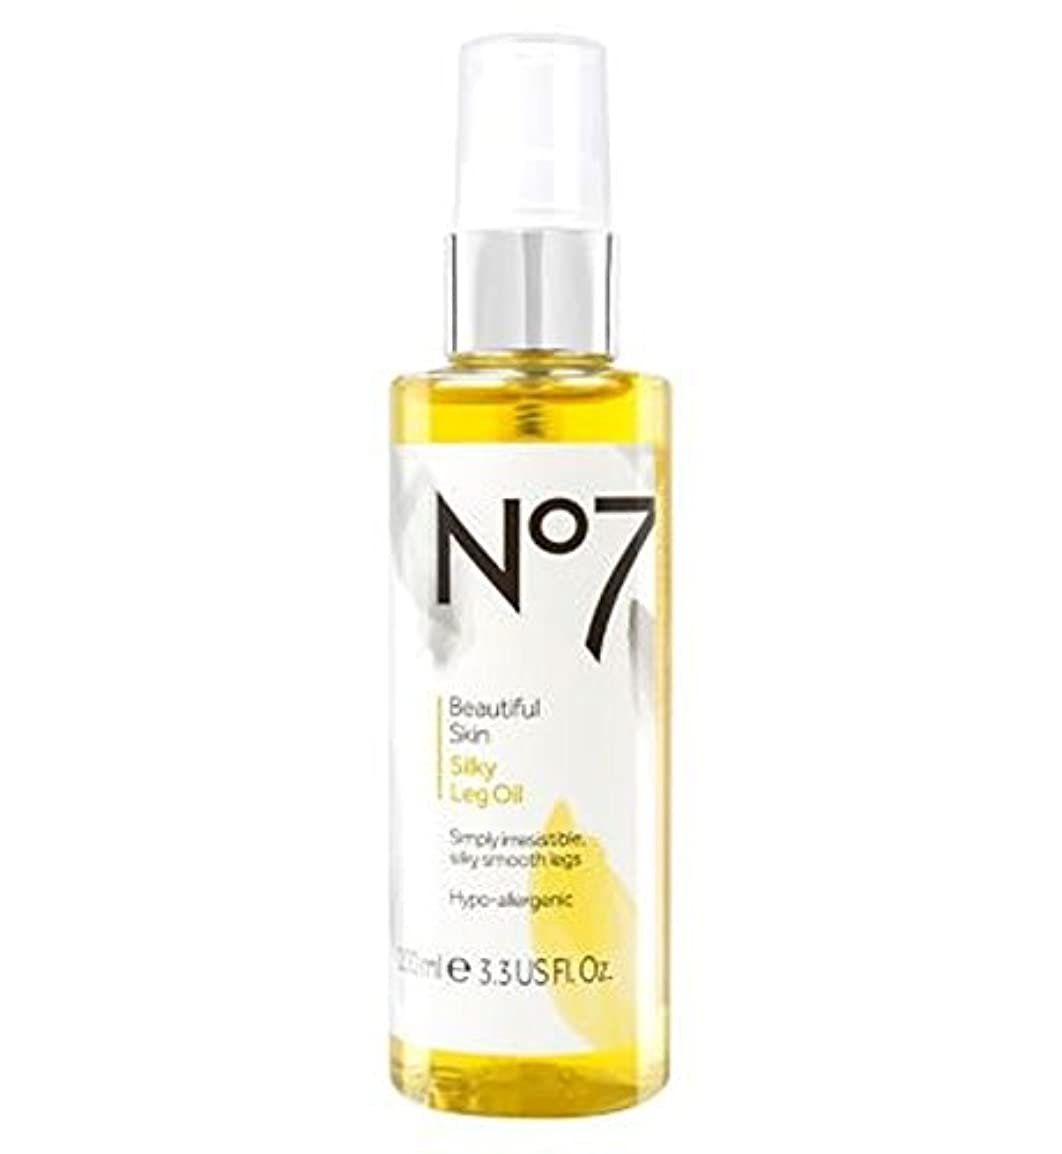 売る起きている翻訳者No7美しい肌絹のような脚油 (No7) (x2) - No7 Beautiful Skin Silky Leg Oil (Pack of 2) [並行輸入品]